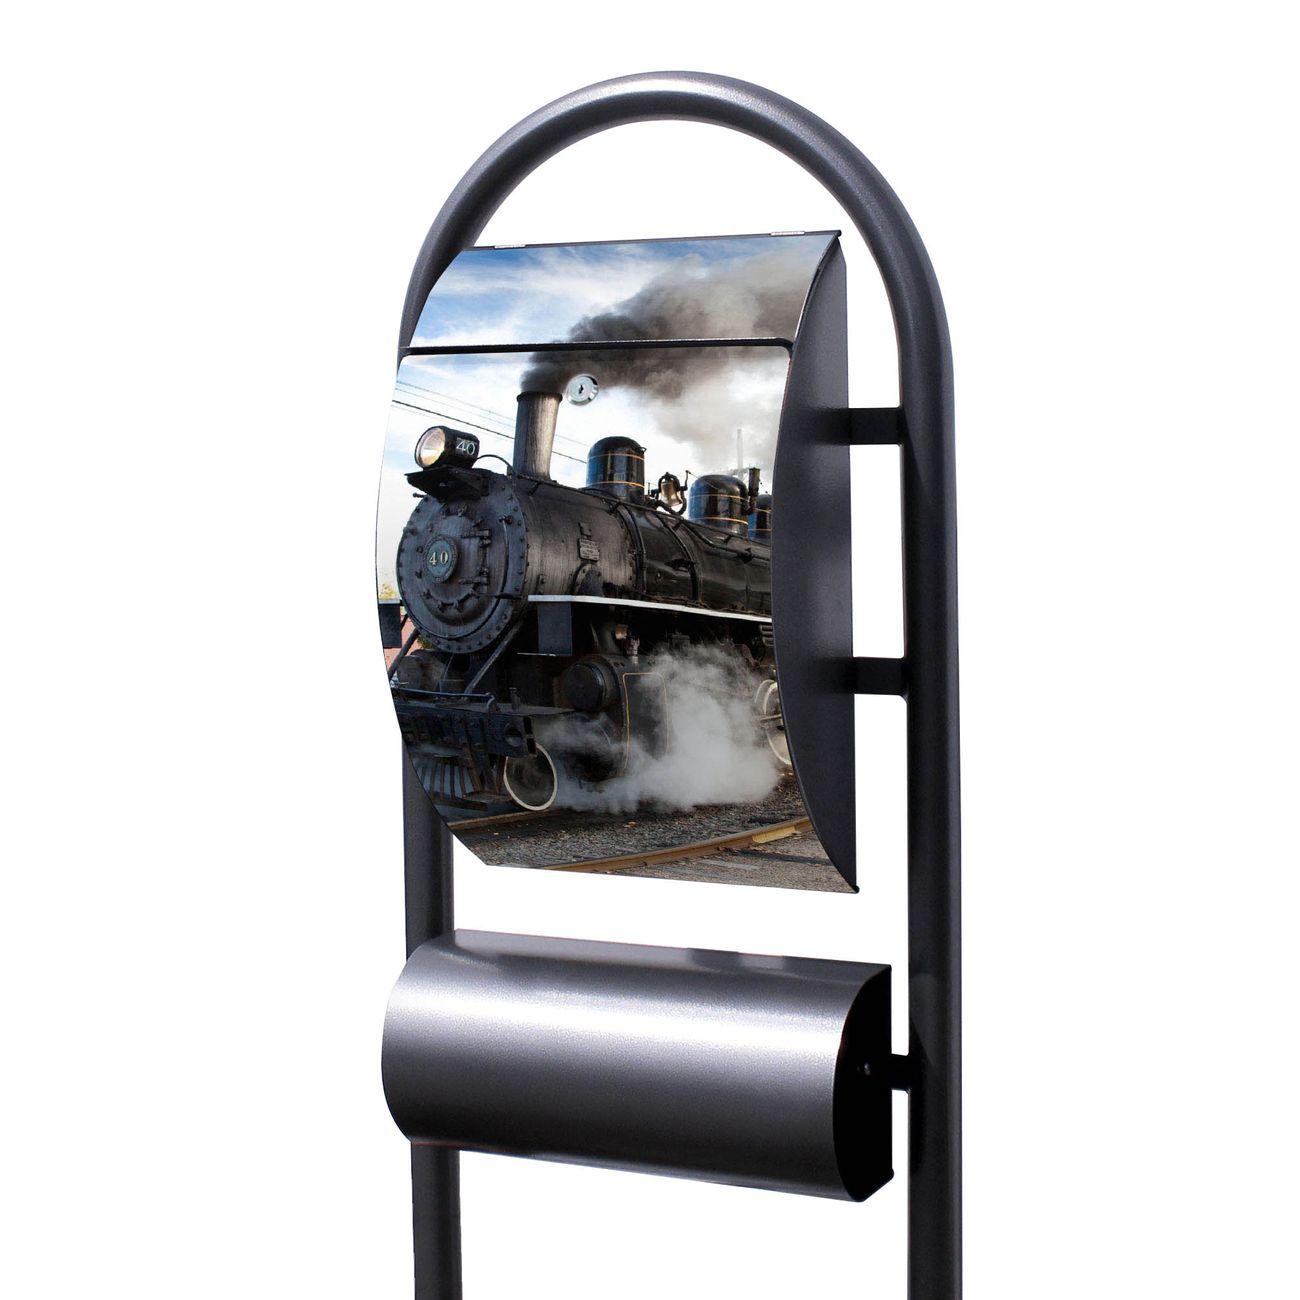 Standbriefkasten Hammerschlag Dampflok